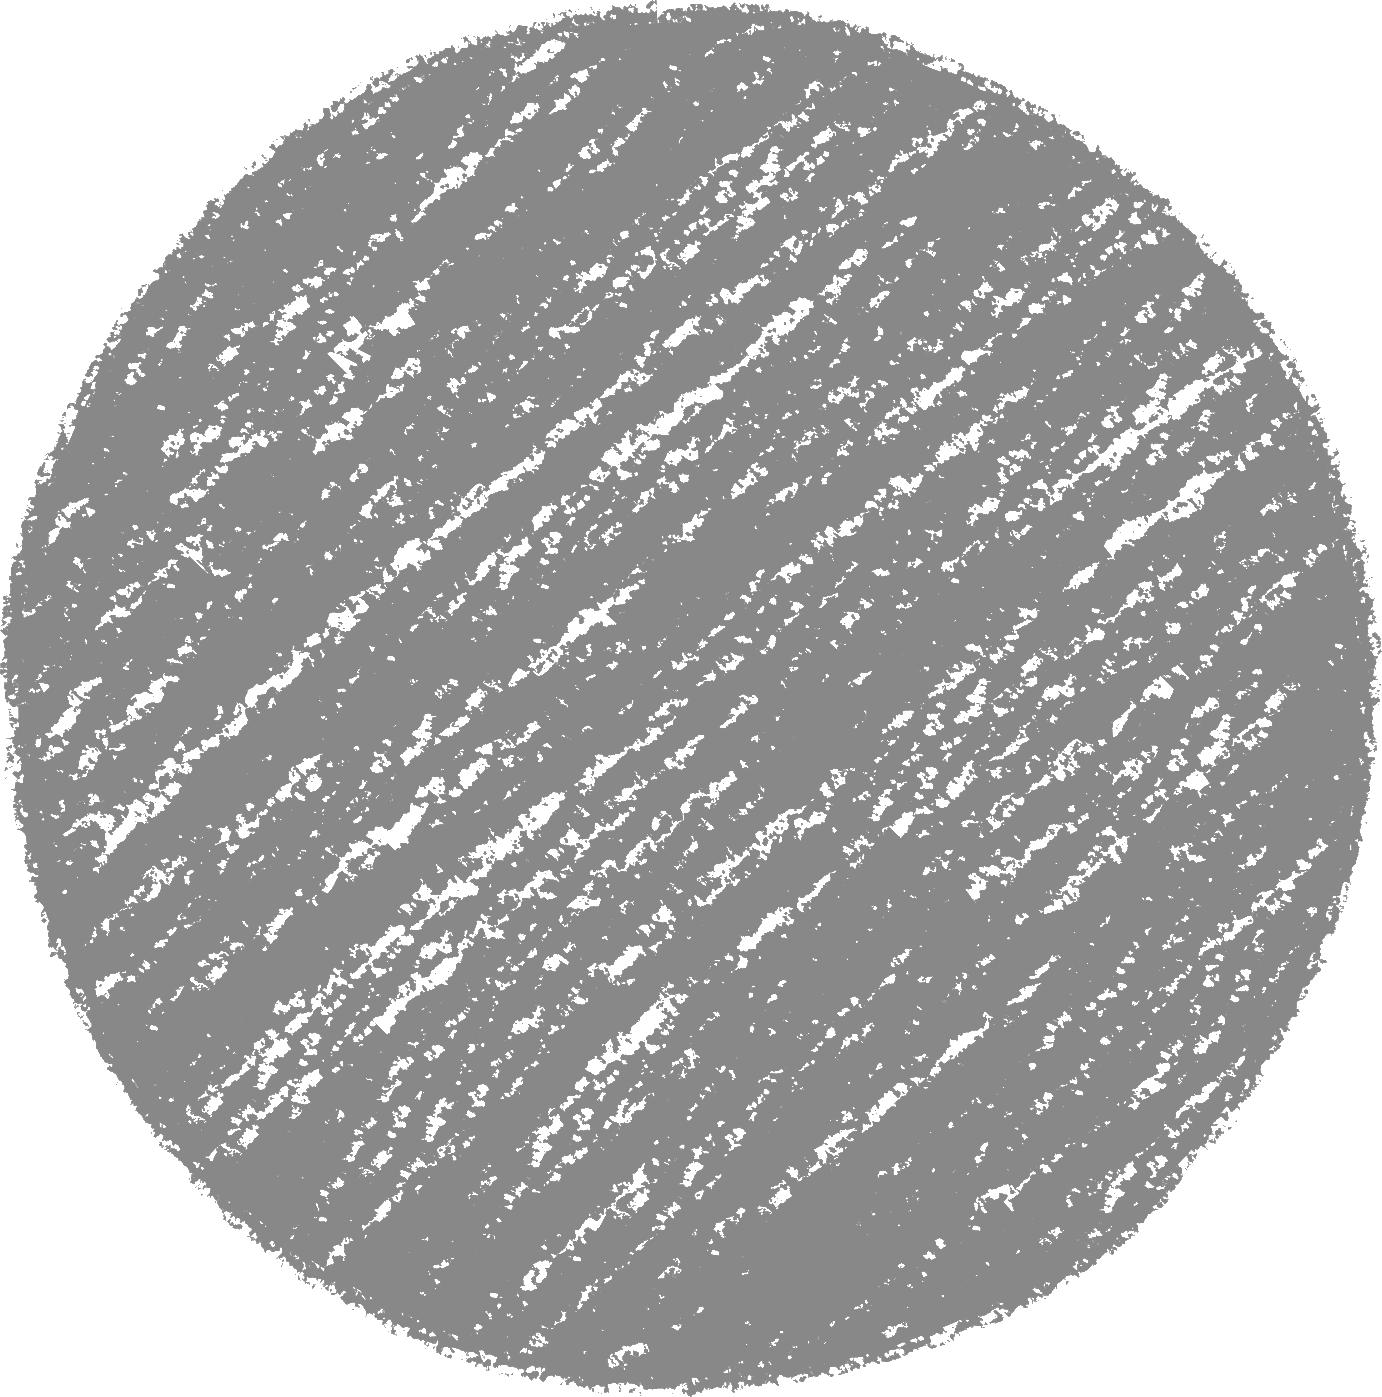 クレヨン塗り背景 新 ねずみ色(グレー)丸のイラスト sircle_gray